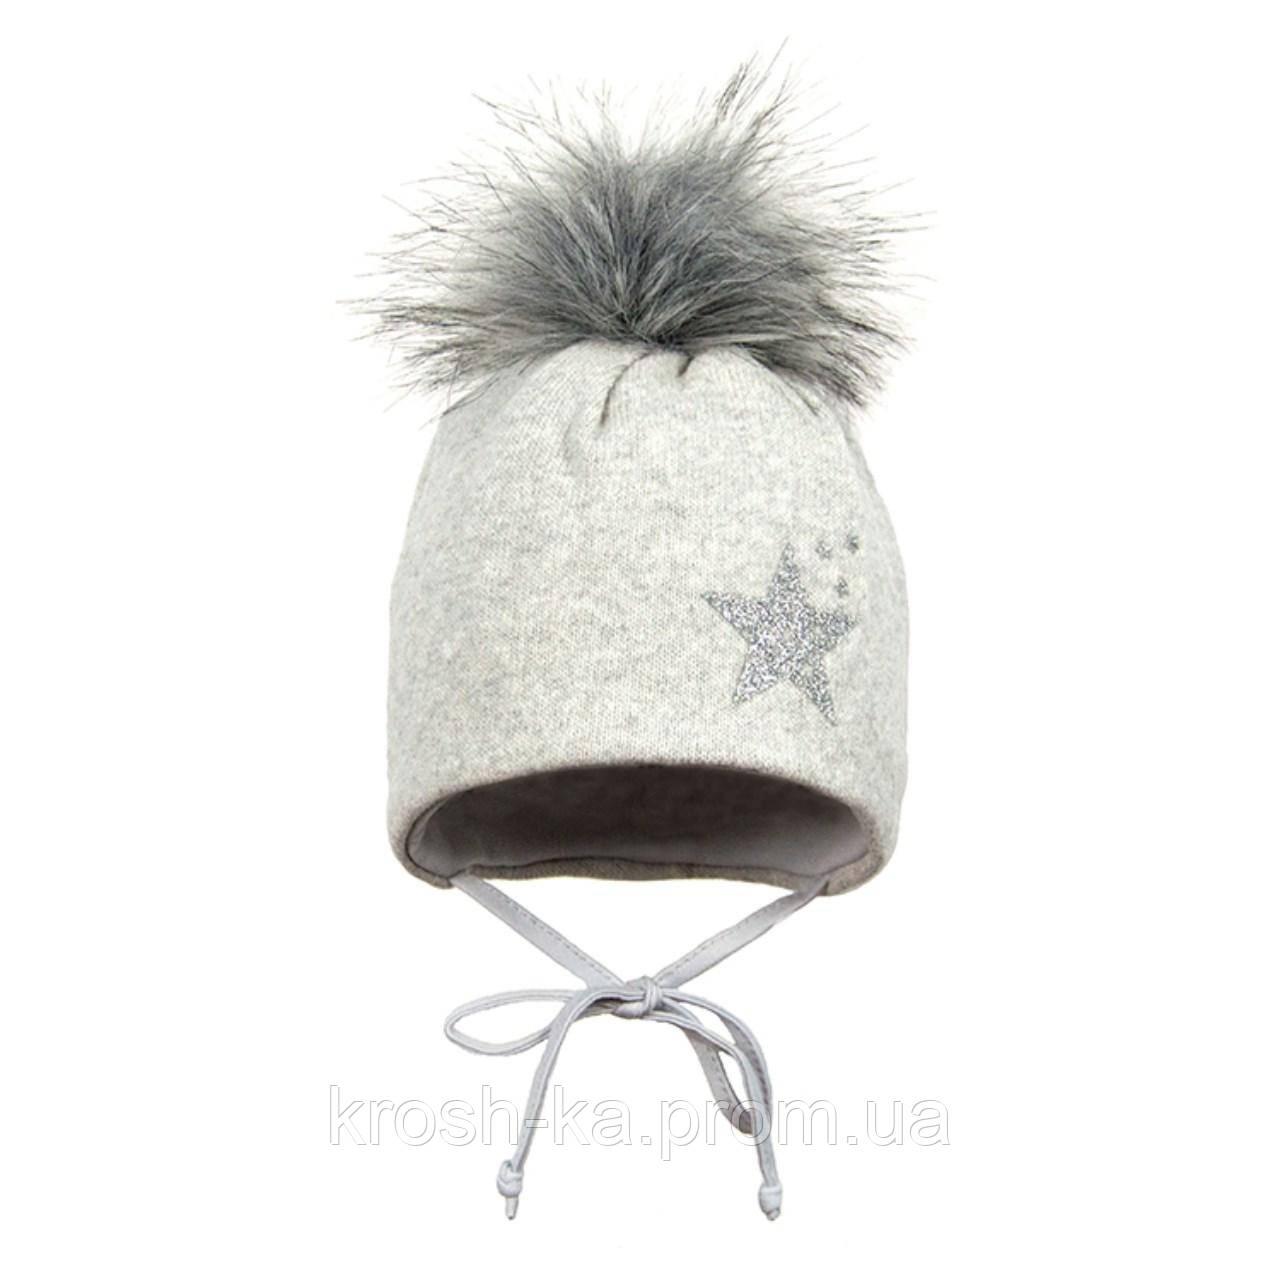 Шапка для девочки (37)р с помпоном на завязках серый Broel Польша Hela